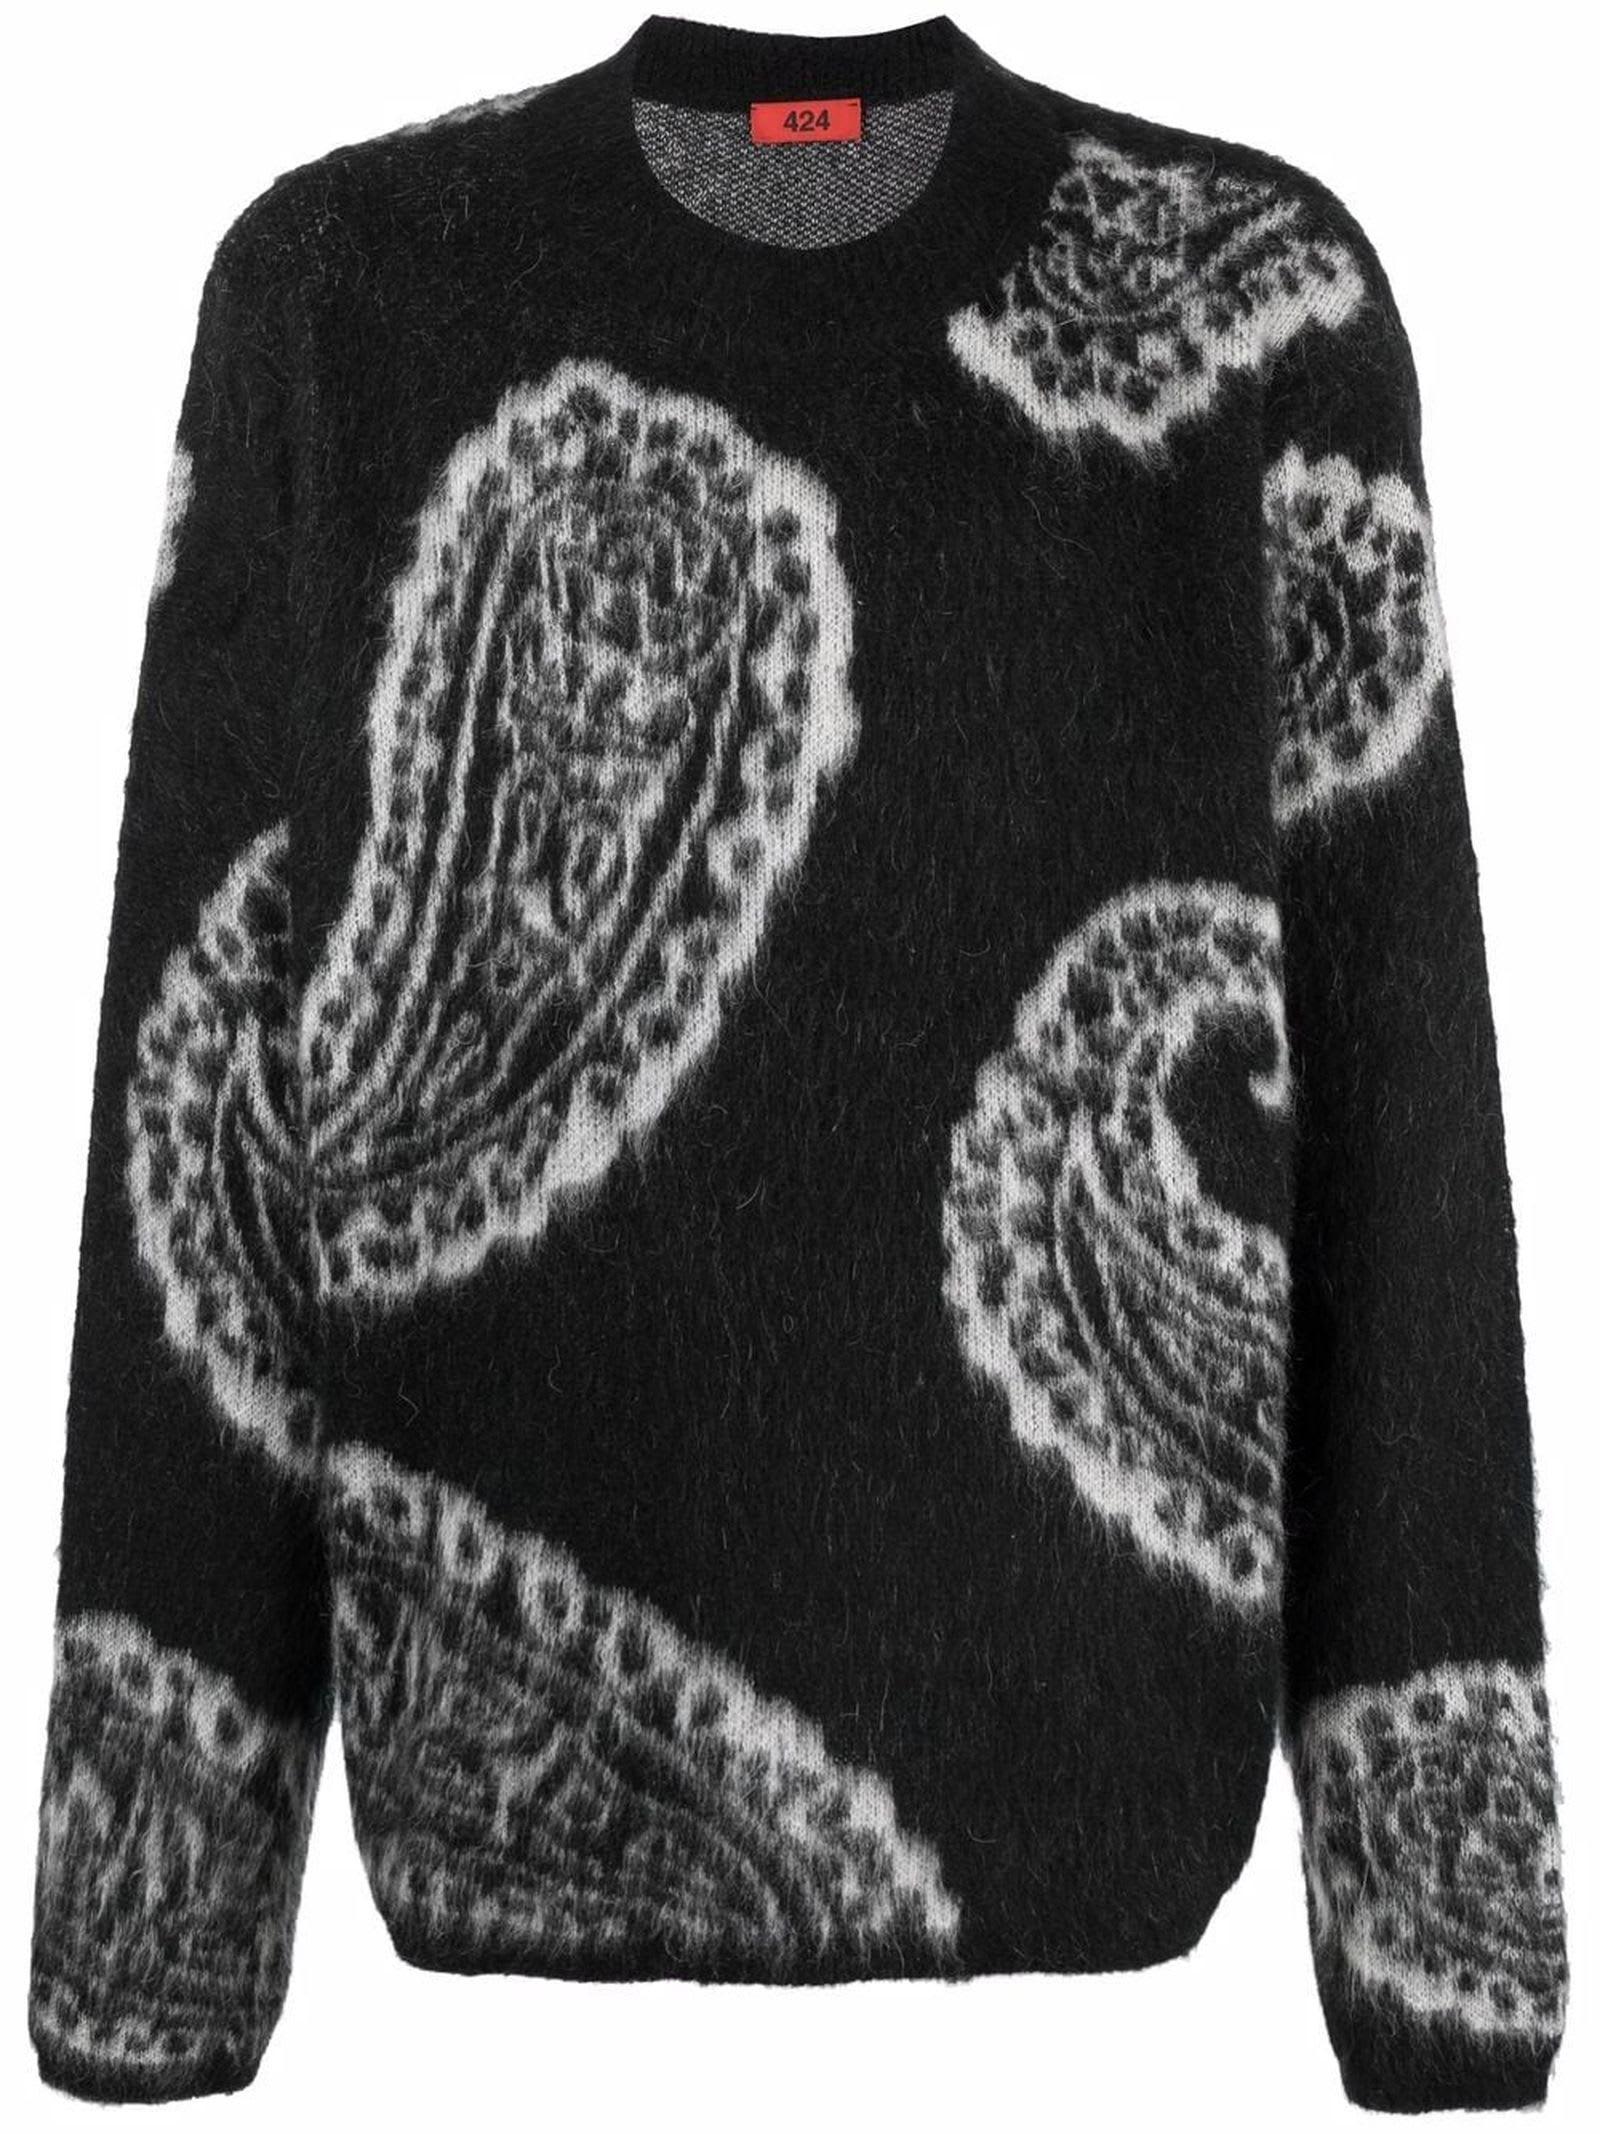 Black Intarsia Knit Jumper